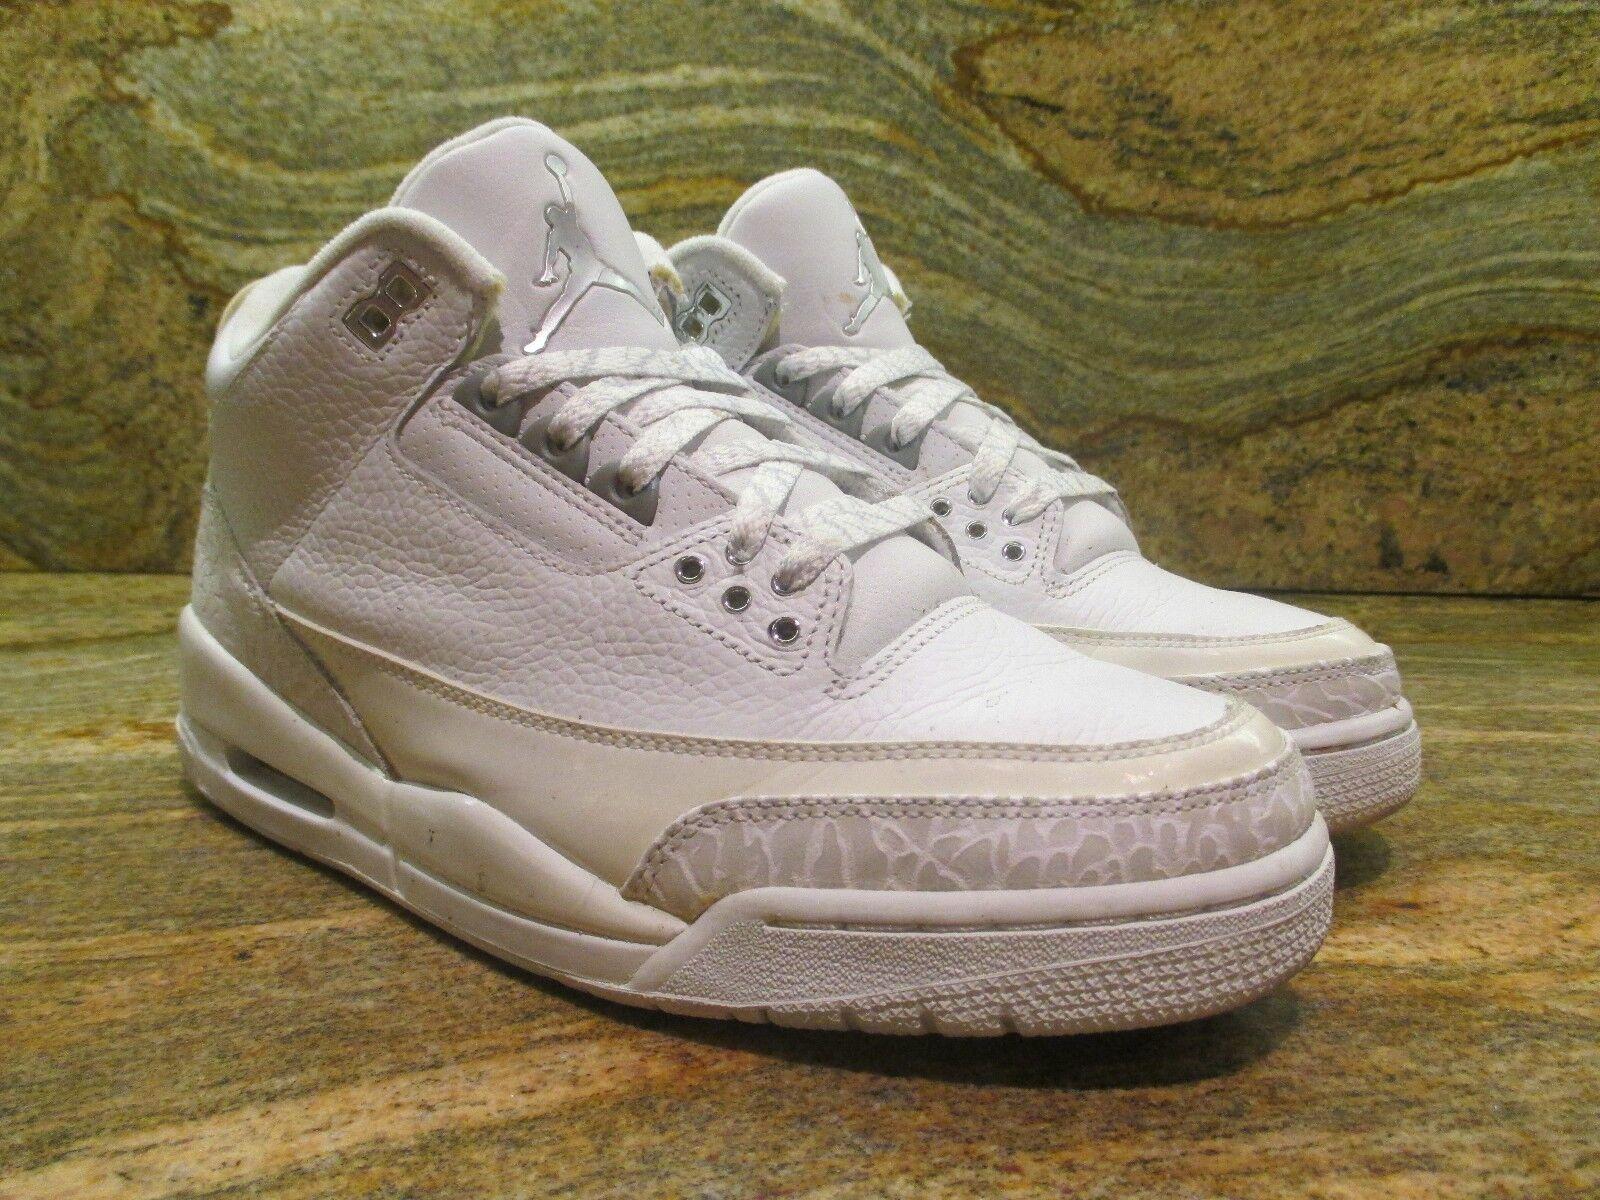 2007 2007 2007 Nike Air Jordan 3 III Retro SZ 9 Pure Money Weiß Silber OG LS 136064-103 020d03